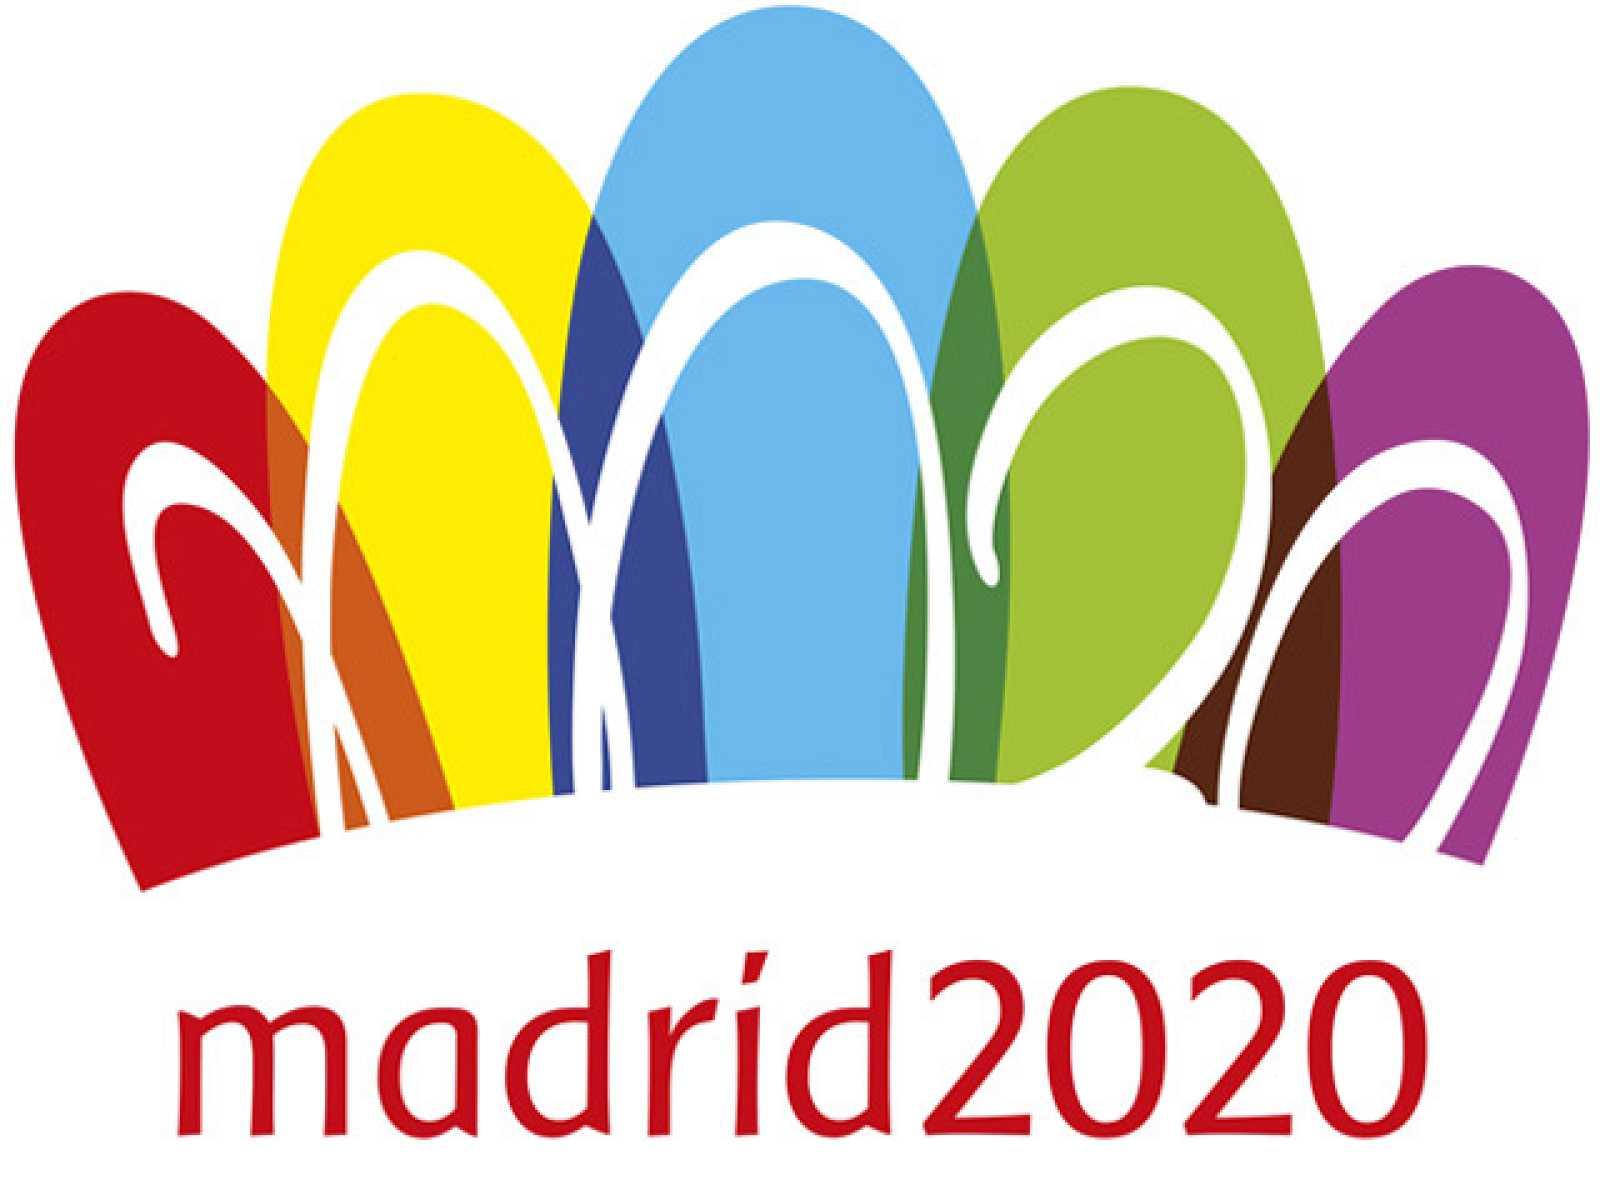 Madrid 2020 ya tiene logotipo. El Comité Olímpico Español y el Ayuntamiento de Madrid lo han presentado como ciudad candidata a organizar los Juegos Olímpicos de dentro de ocho años. Es el tercer intento en la carrera olímpica de la capital de España